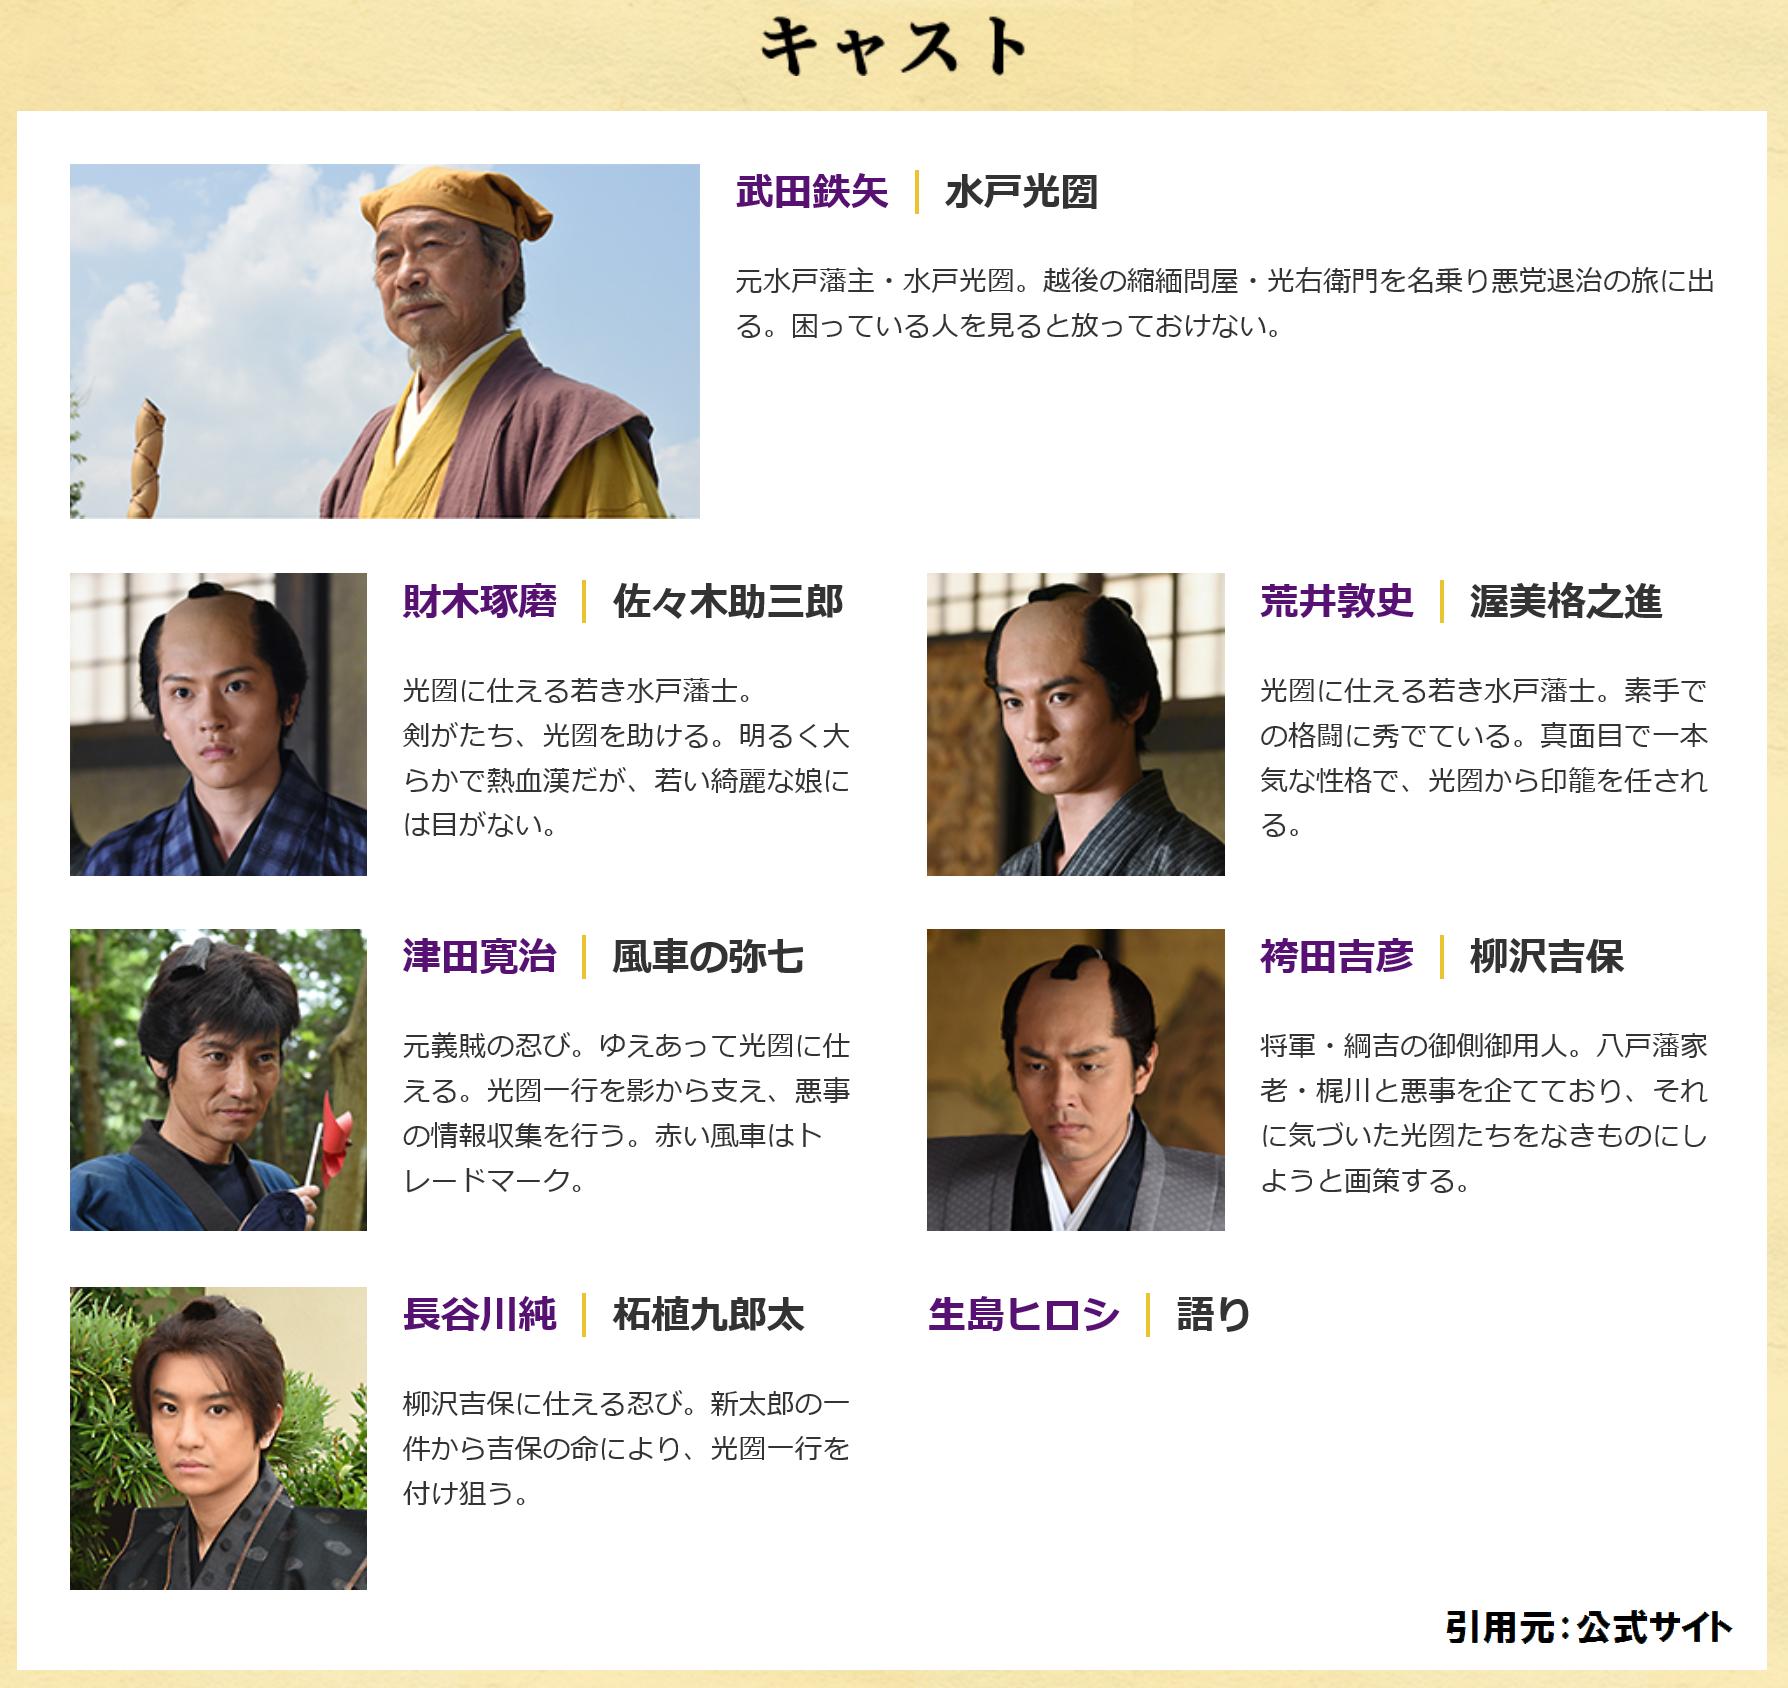 水戸黄門 テレビドラマ相関図 - soukanzu.net